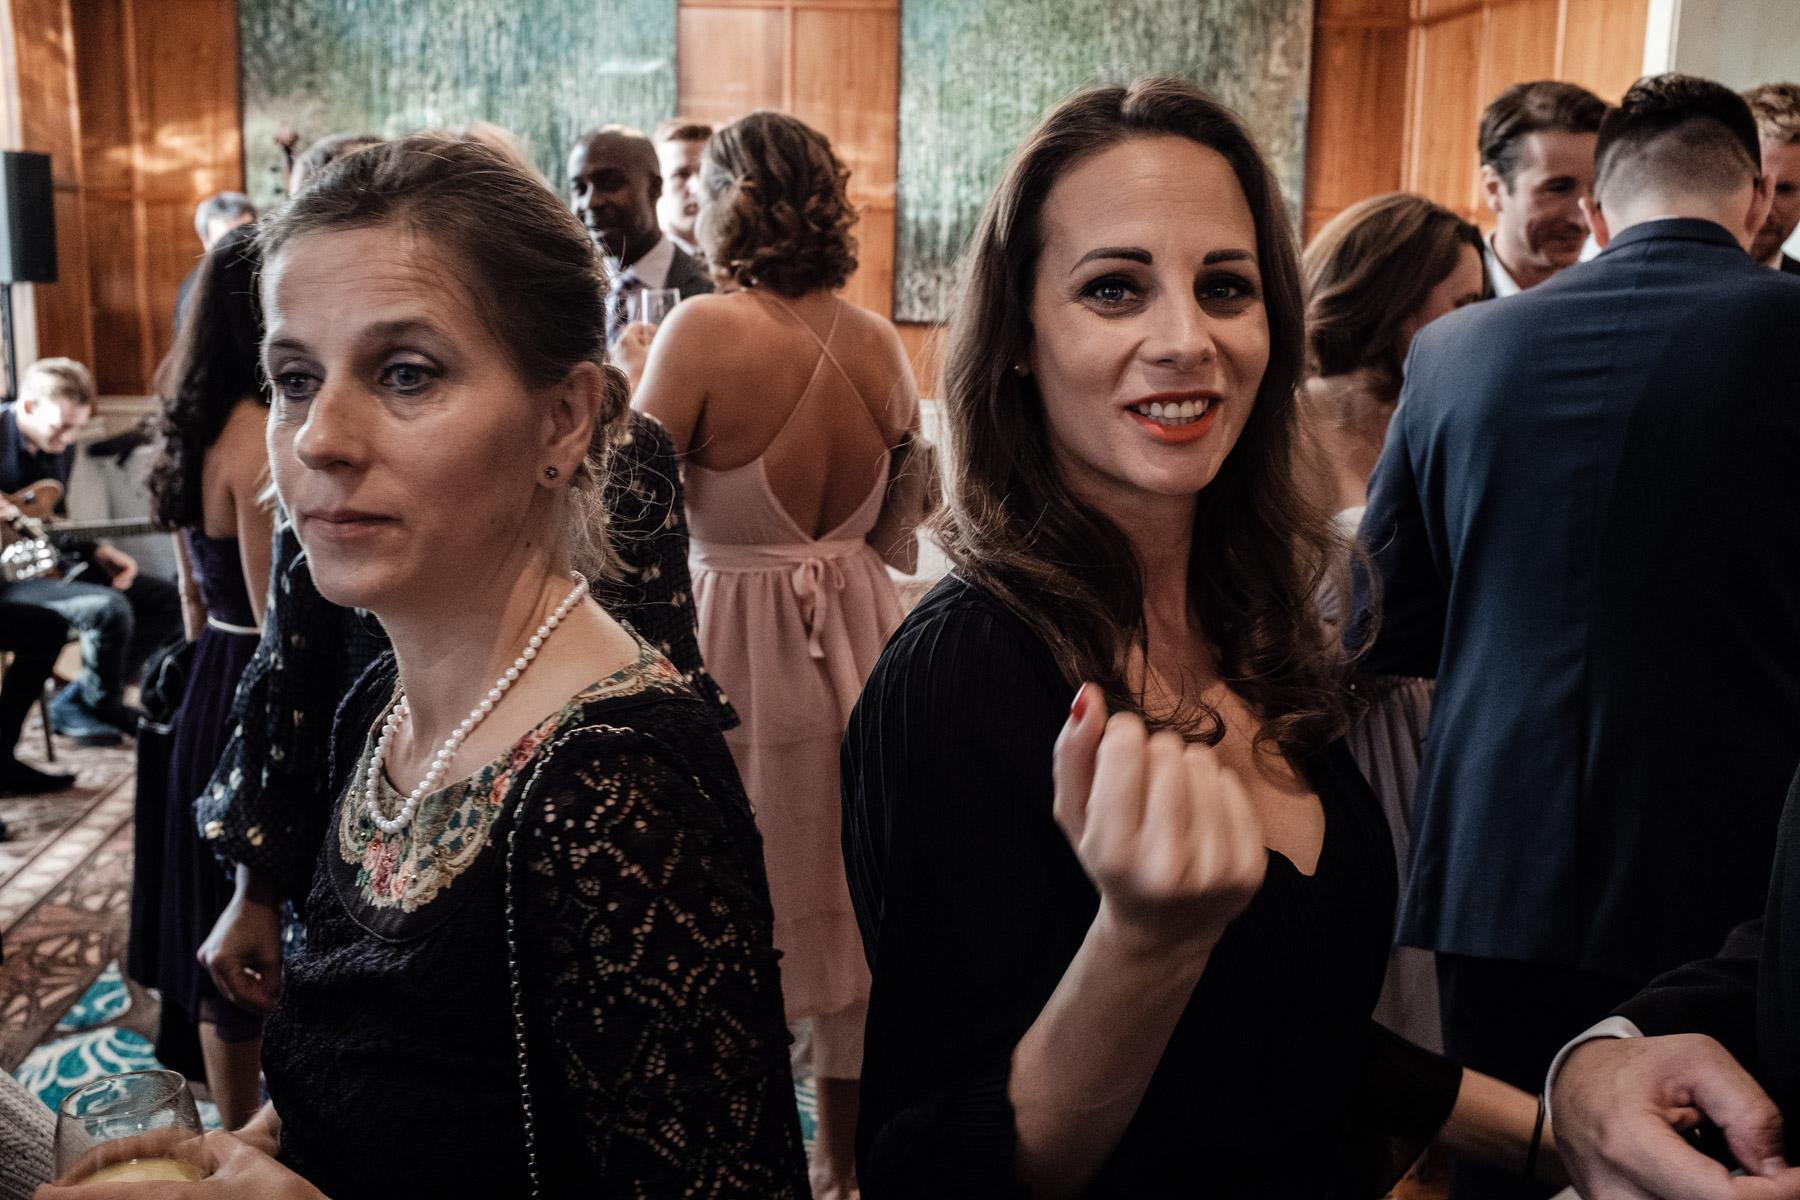 MartinLiebl_Kein_Hochzeitsfotograf_No_Wedding_Photographer_Budapest_Gresham_Palace_032.jpg